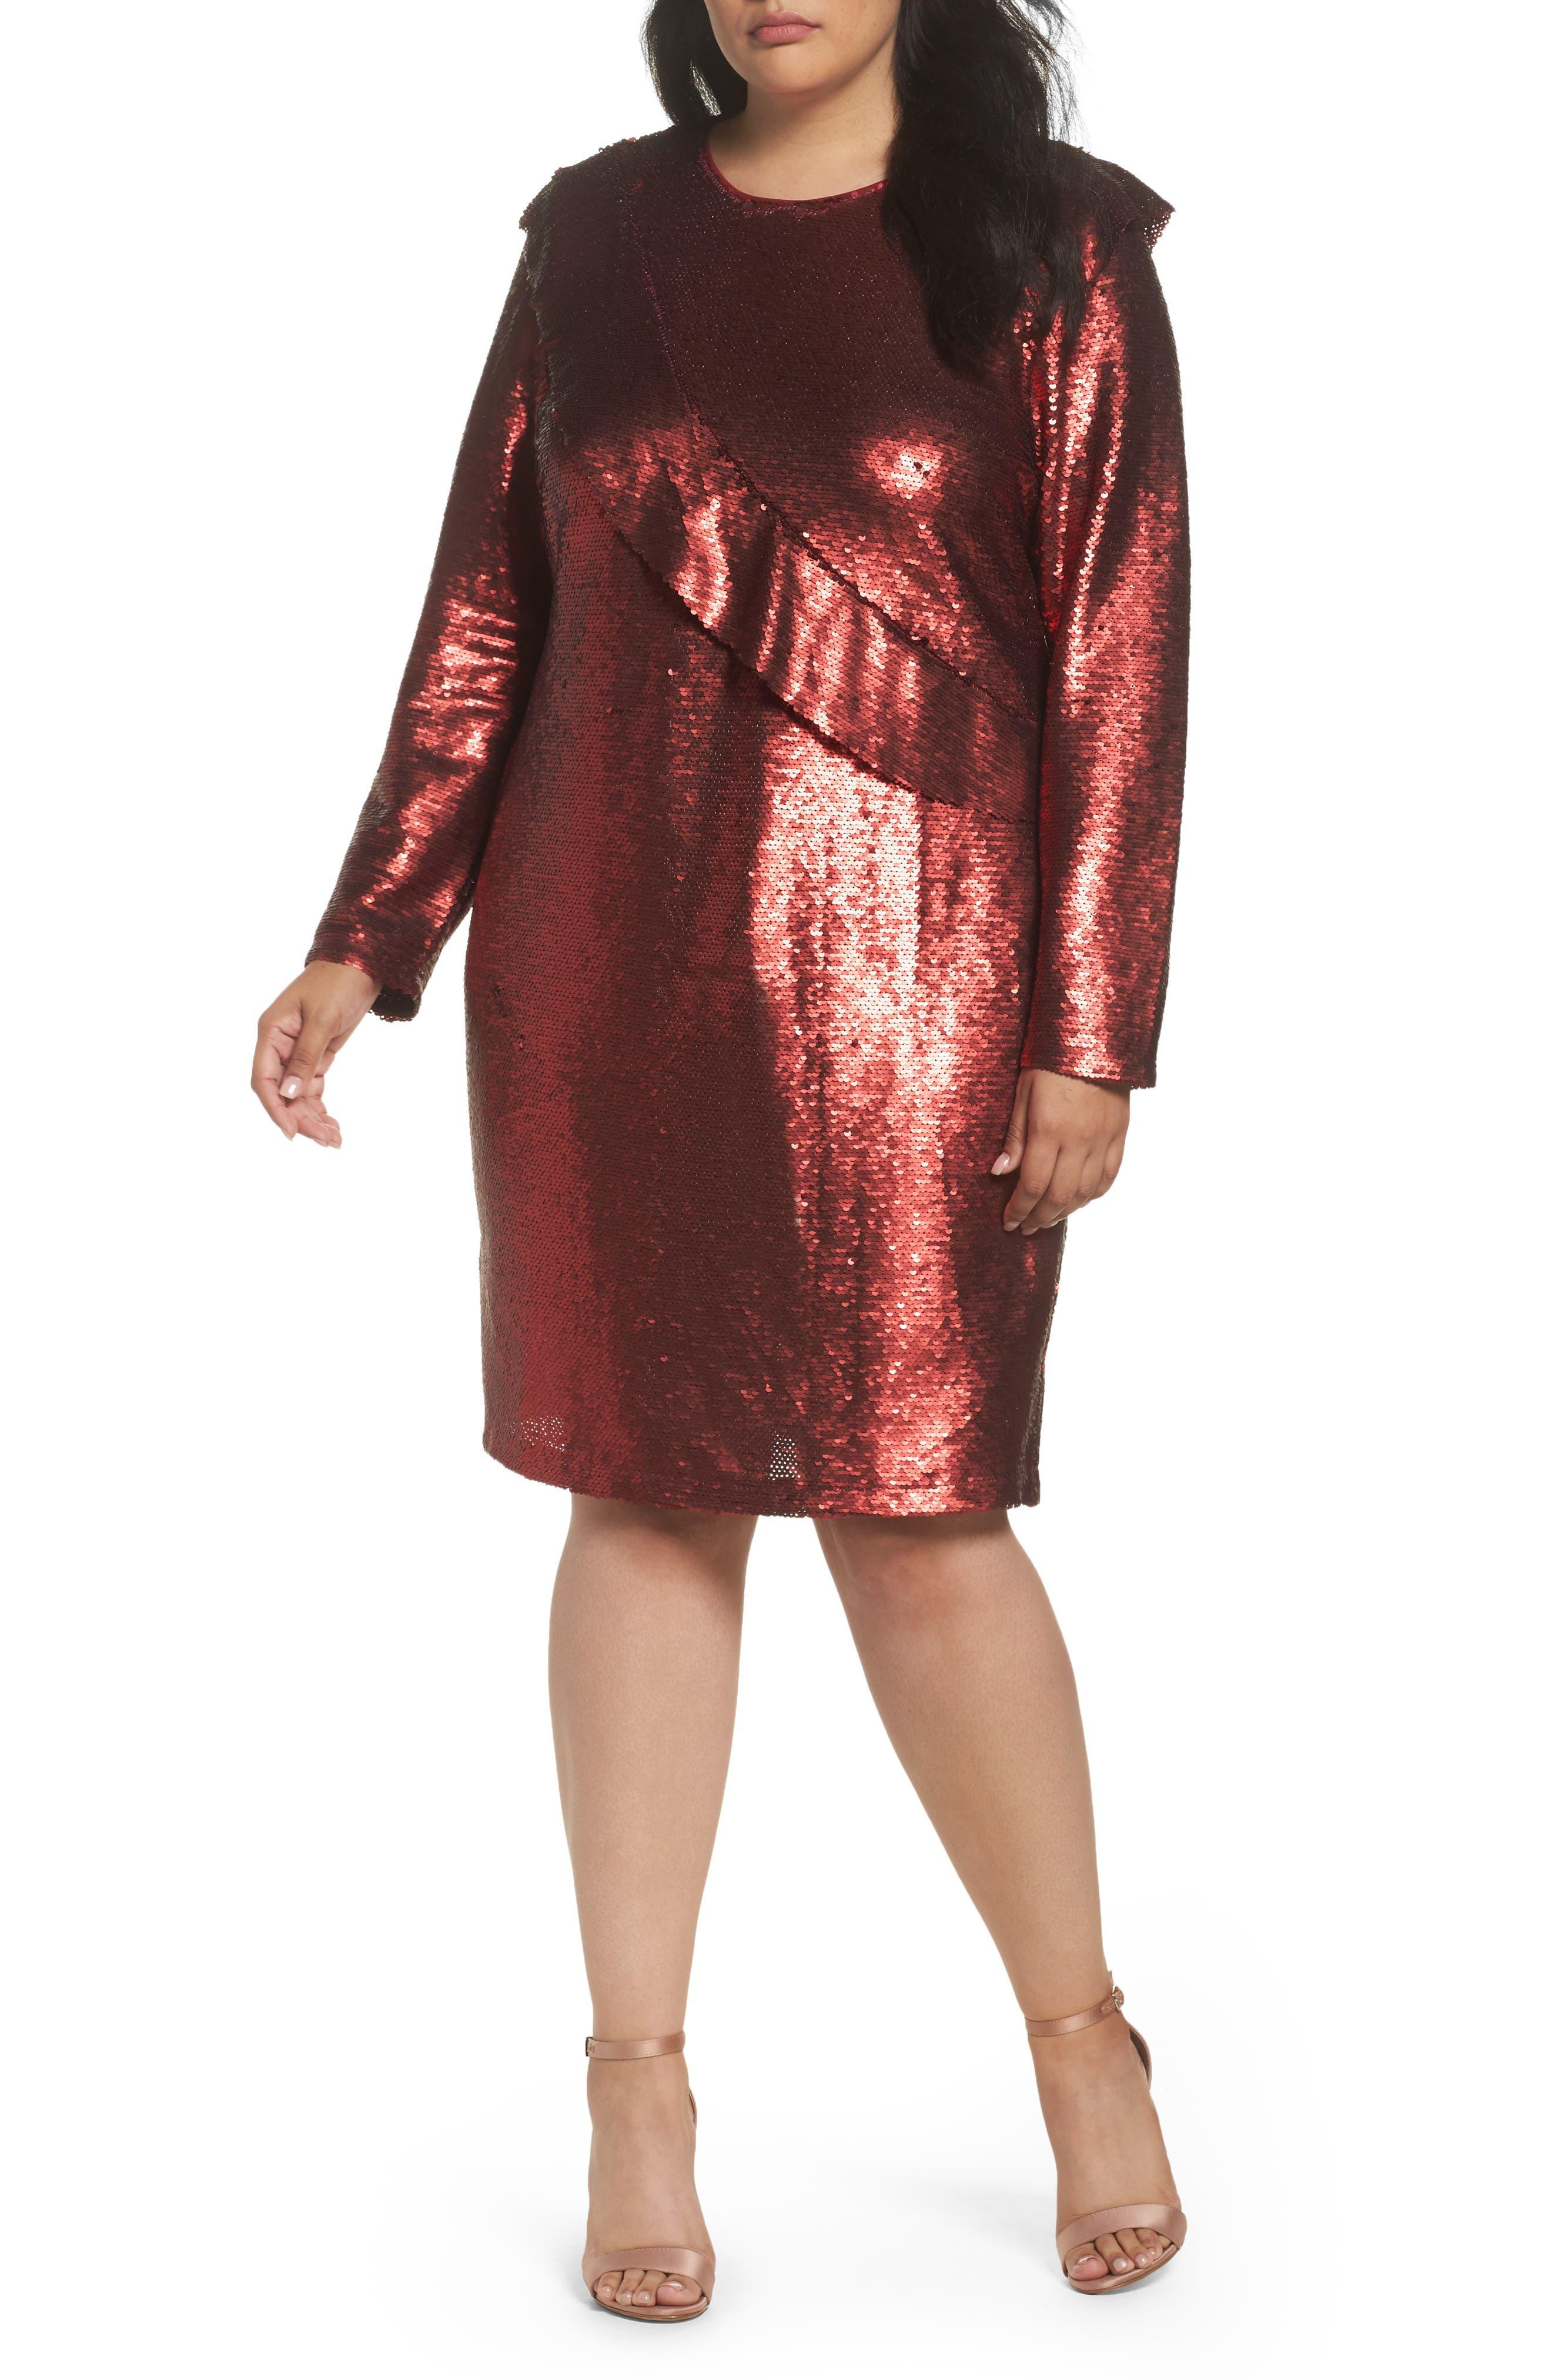 Main Image - Glamorous Sequin Ruffle Dress (Plus Size)